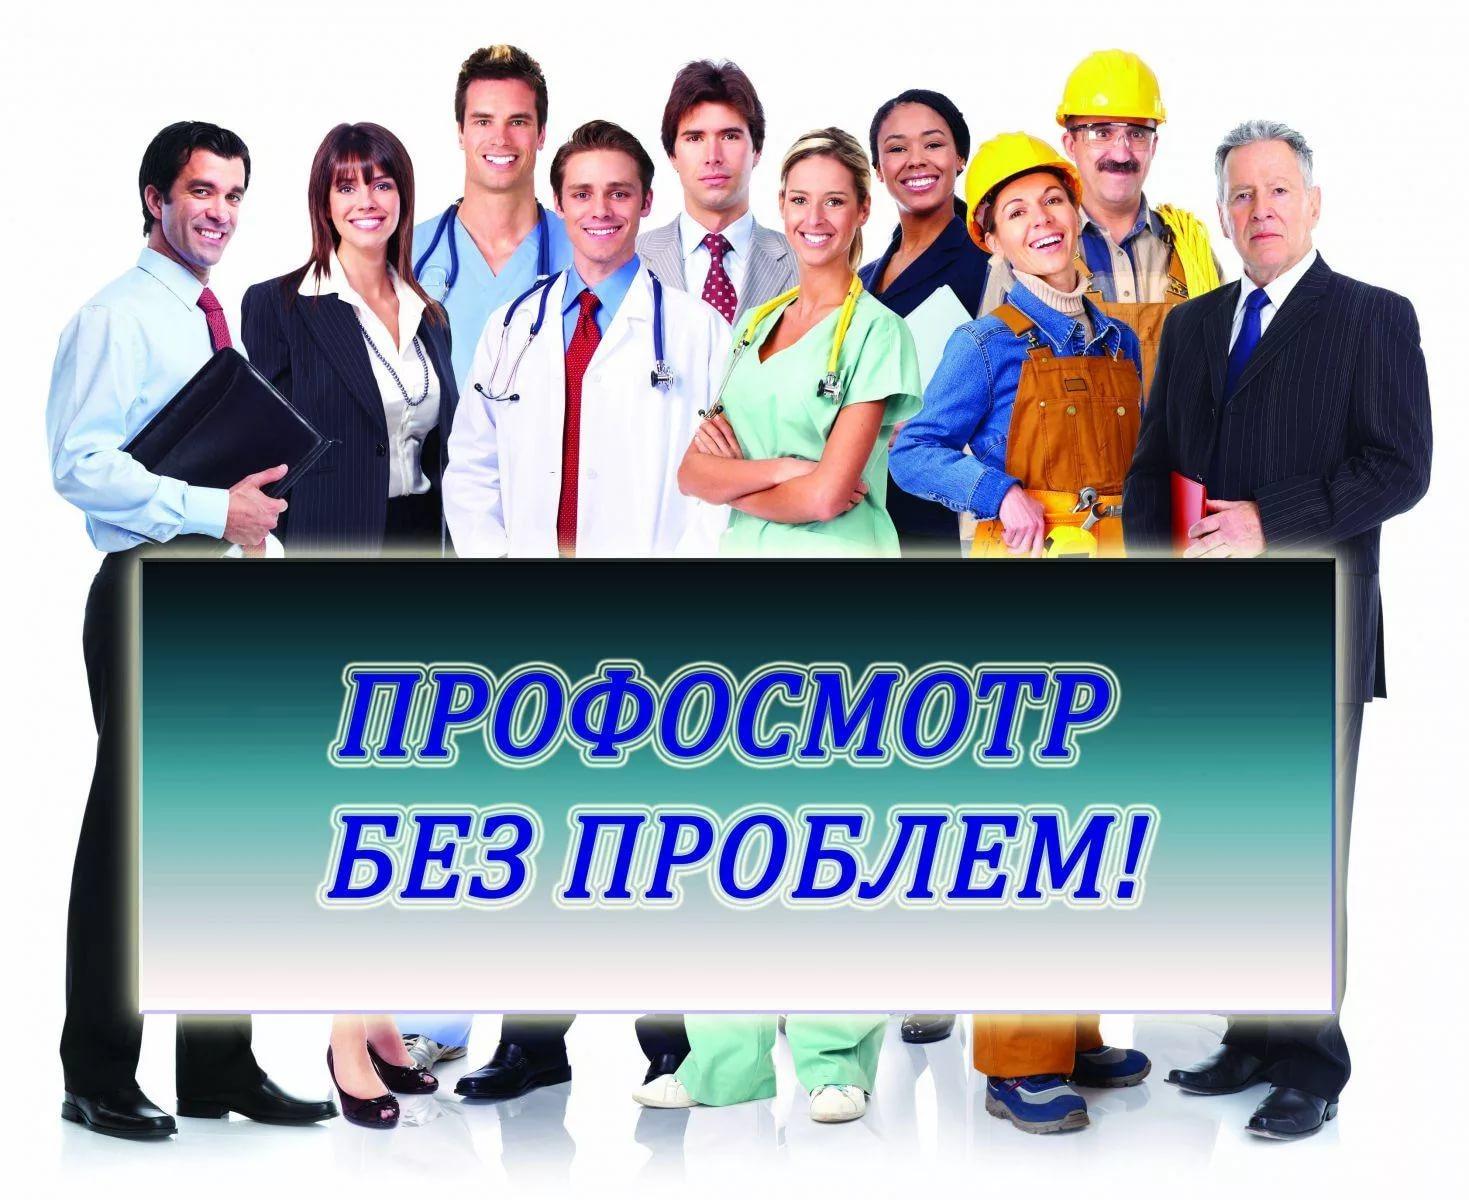 Прохождение профессионального осмотра при приеме на работу